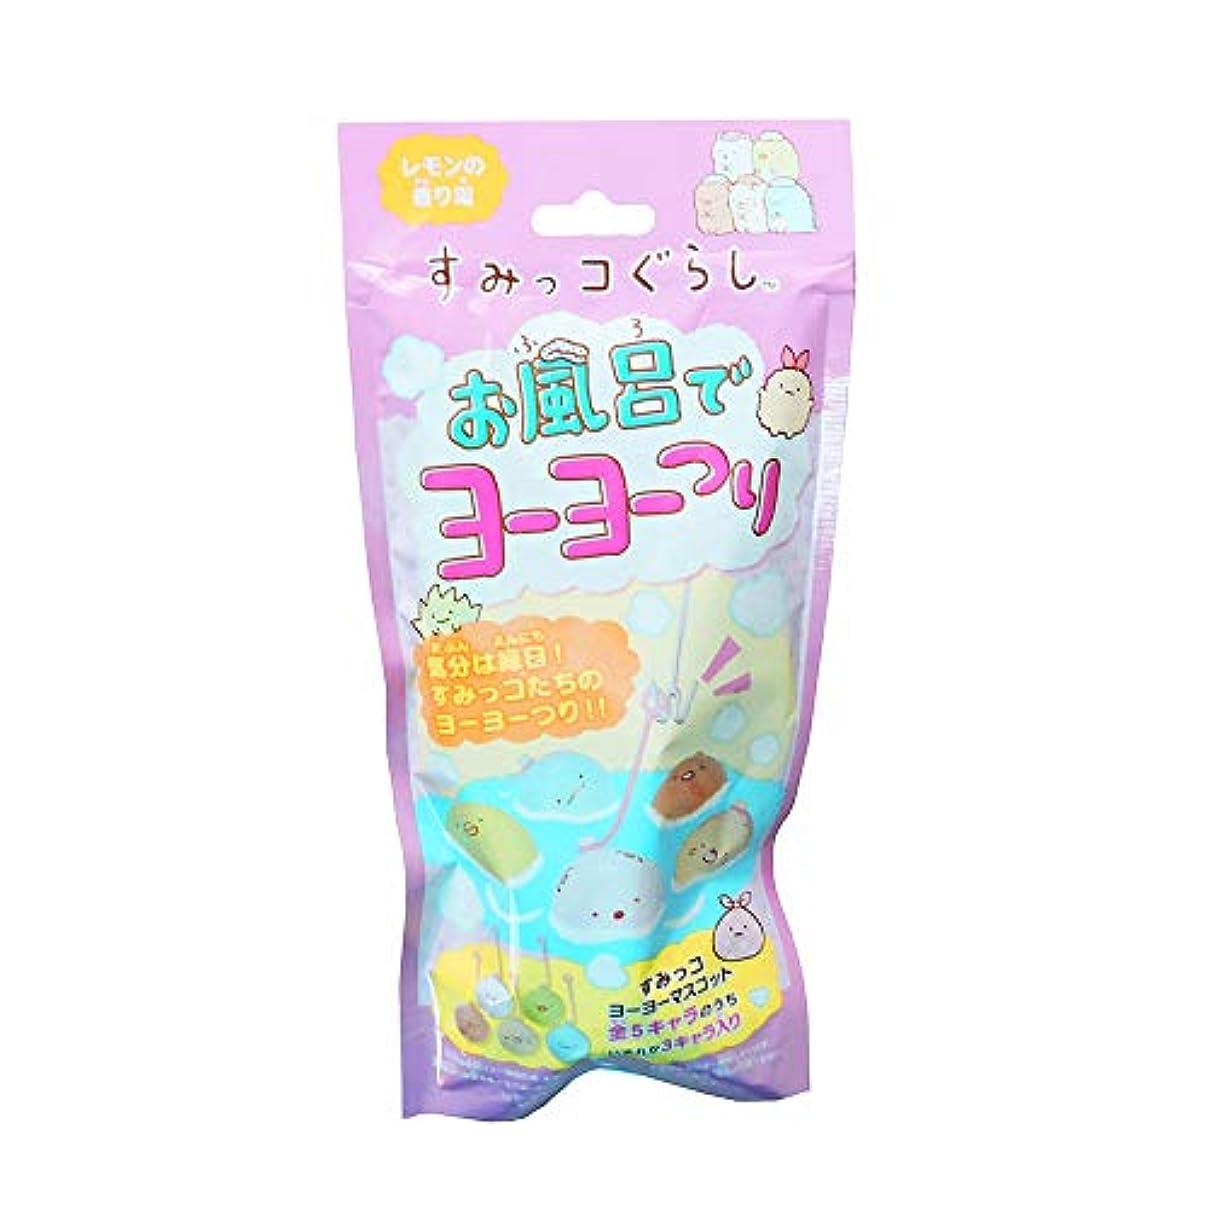 ピッチャーバッフルファウルすみっコぐらし お風呂でヨーヨーつり レモンの香り湯 25g(1包)